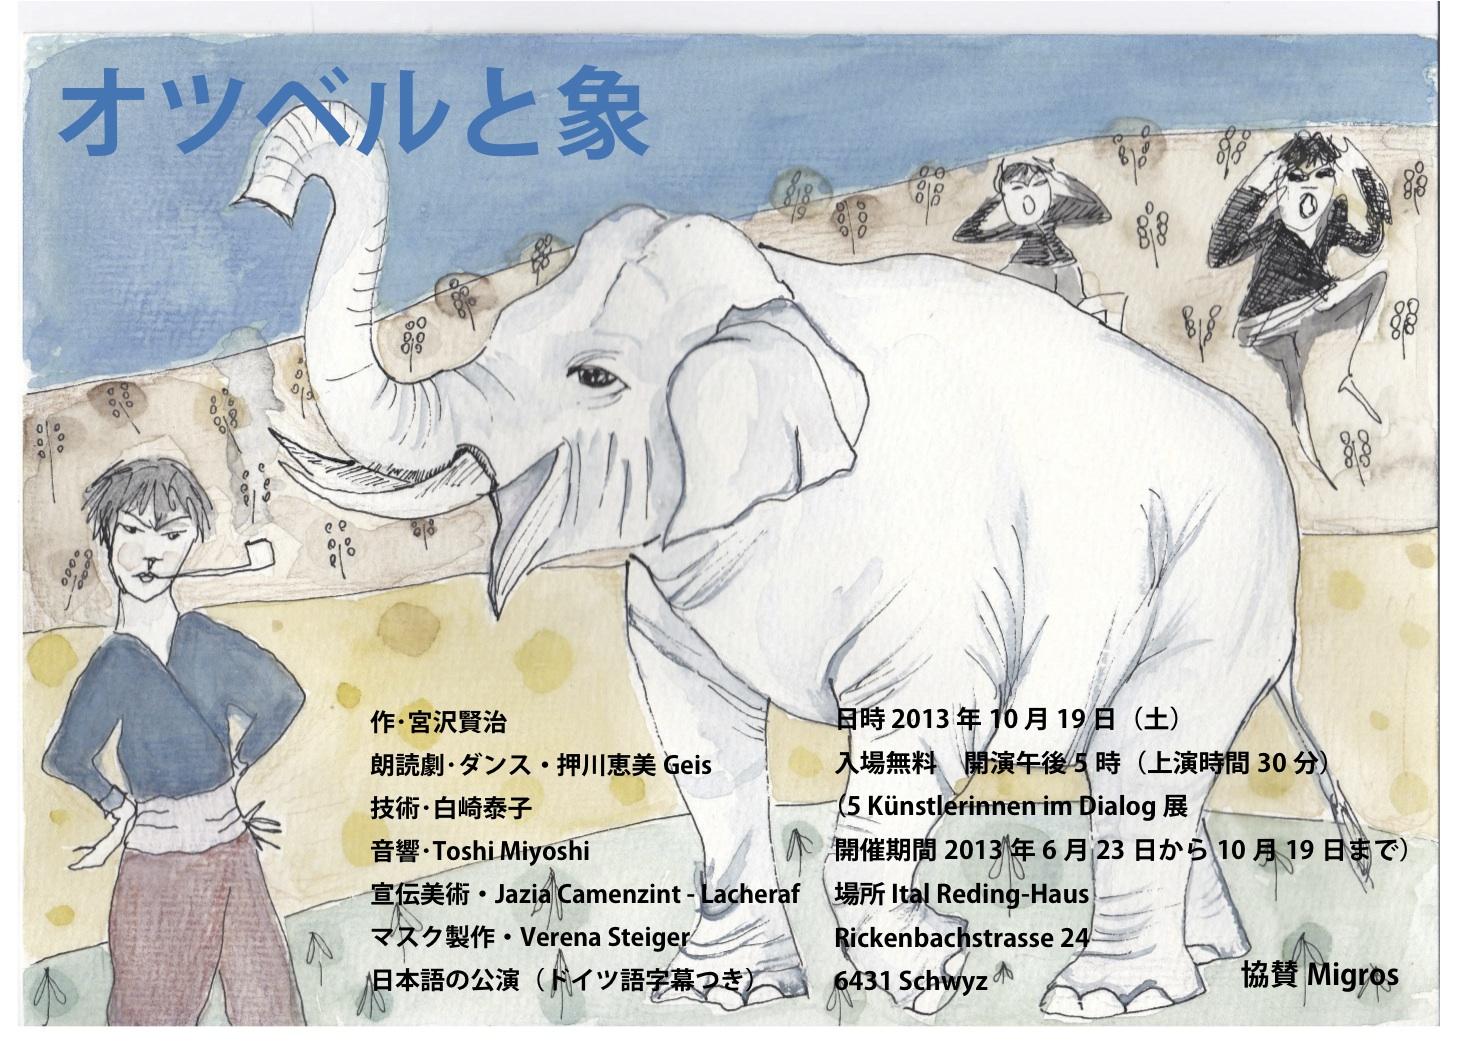 宮沢賢治朗読劇 オツベルと象